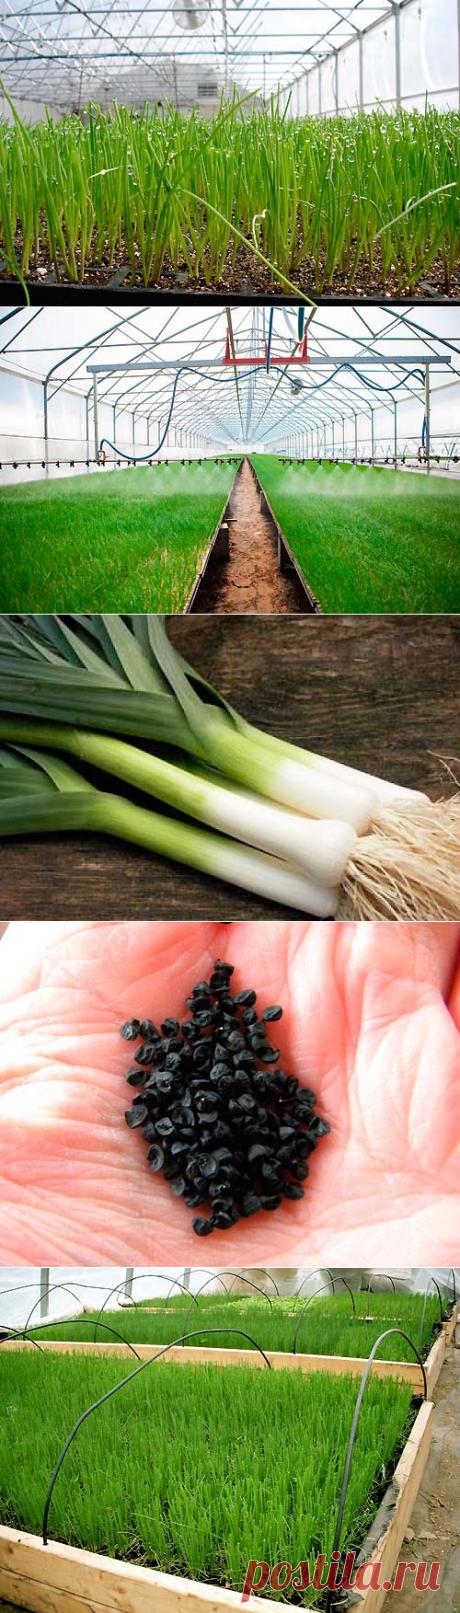 Выращивание лука на перо в теплице зимой в подробностях